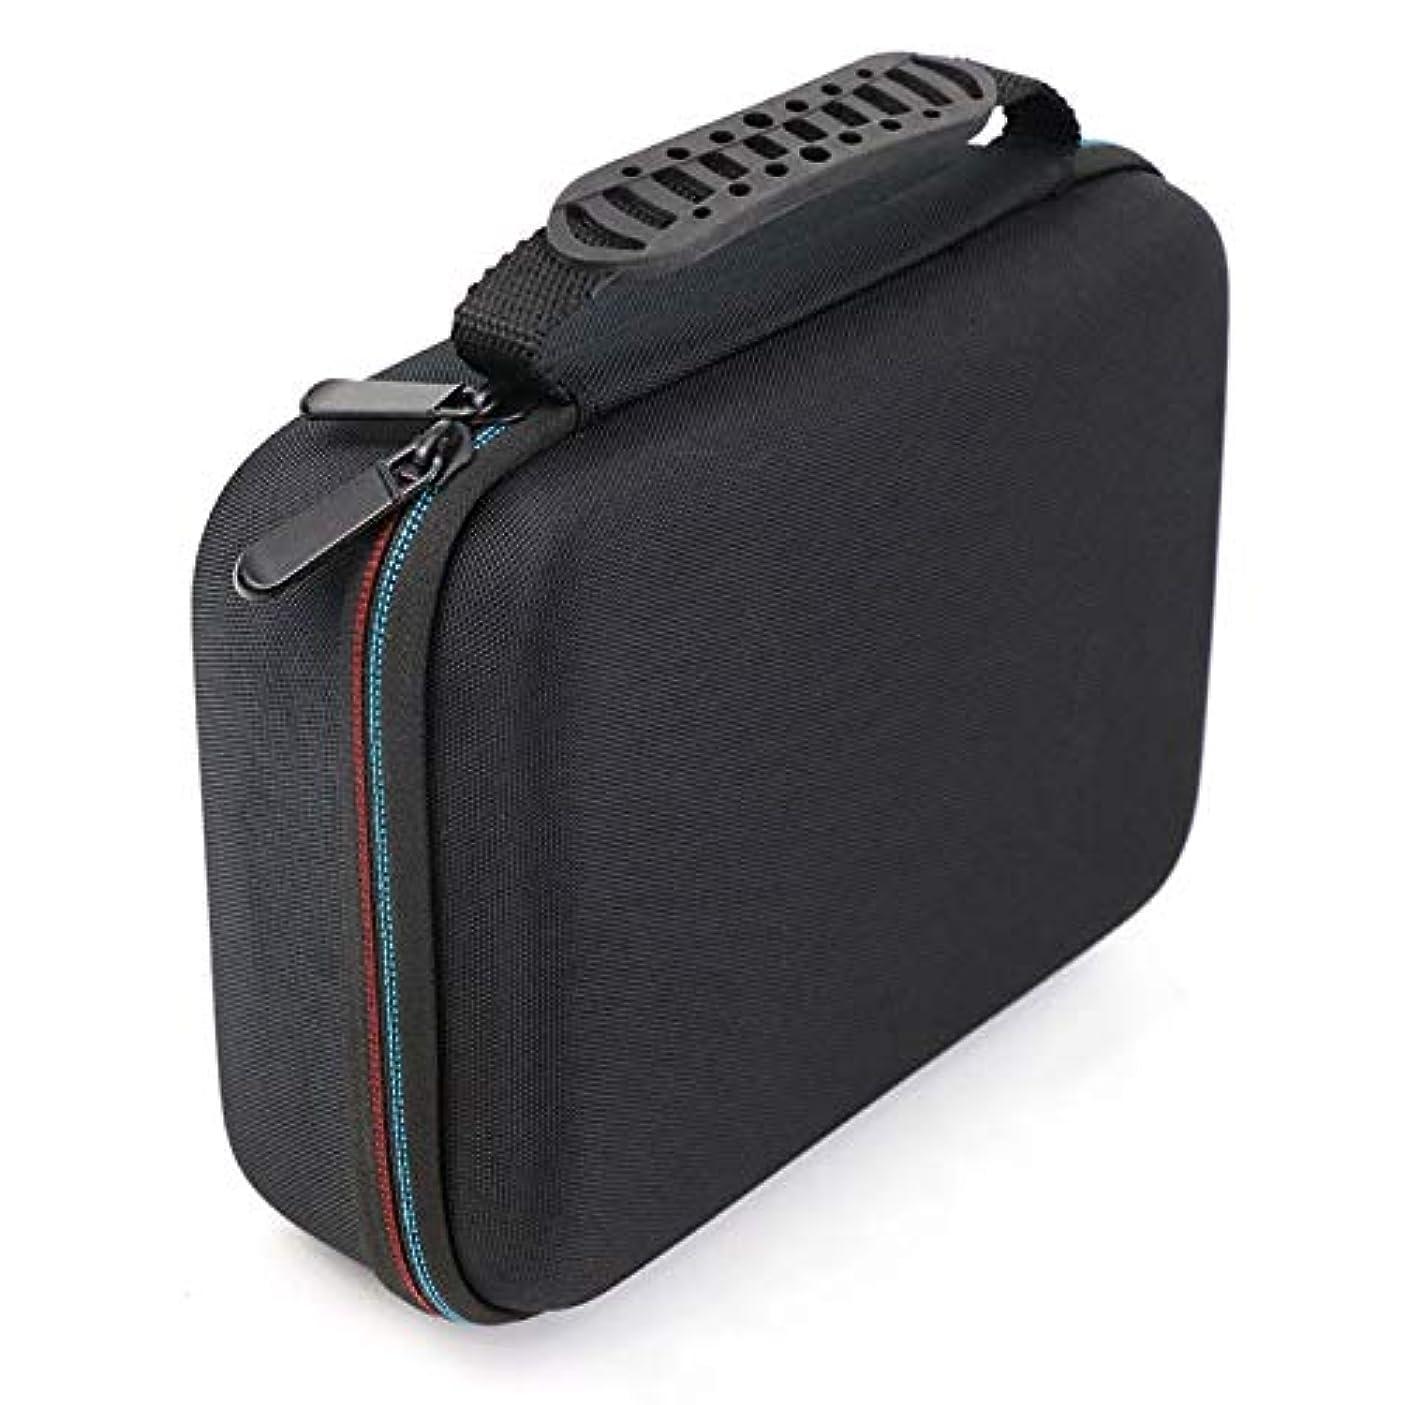 アルバニーグリットくそーGaoominy バリカンの収納ケース、携帯用ケース、耐衝撃バッグ、シェーバーのキット、Evaハードケース、収納バッグ、 Mgk3020/3060/3080用